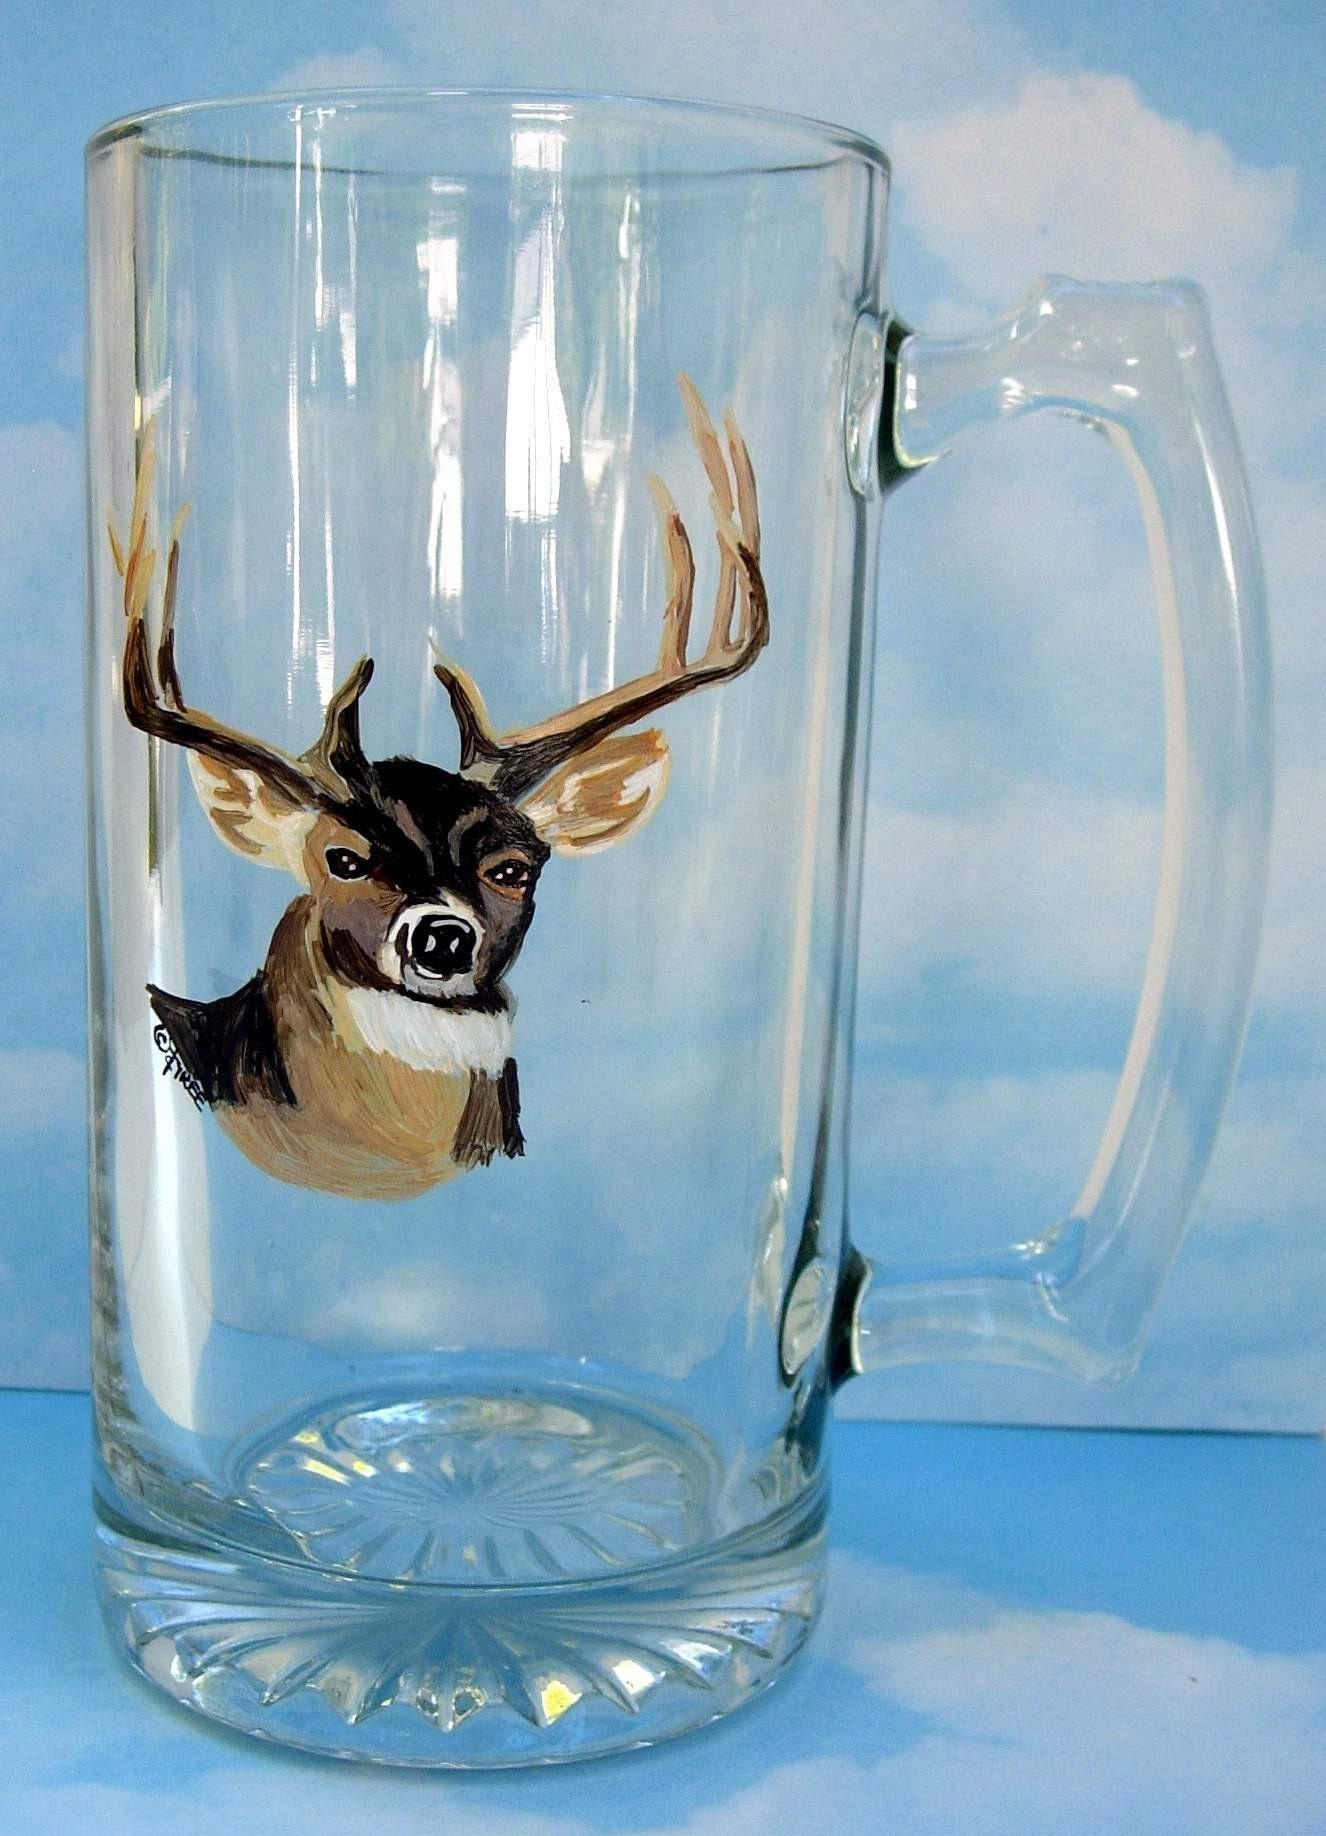 DEER BEER MUG - 25 oz hand painted Glass